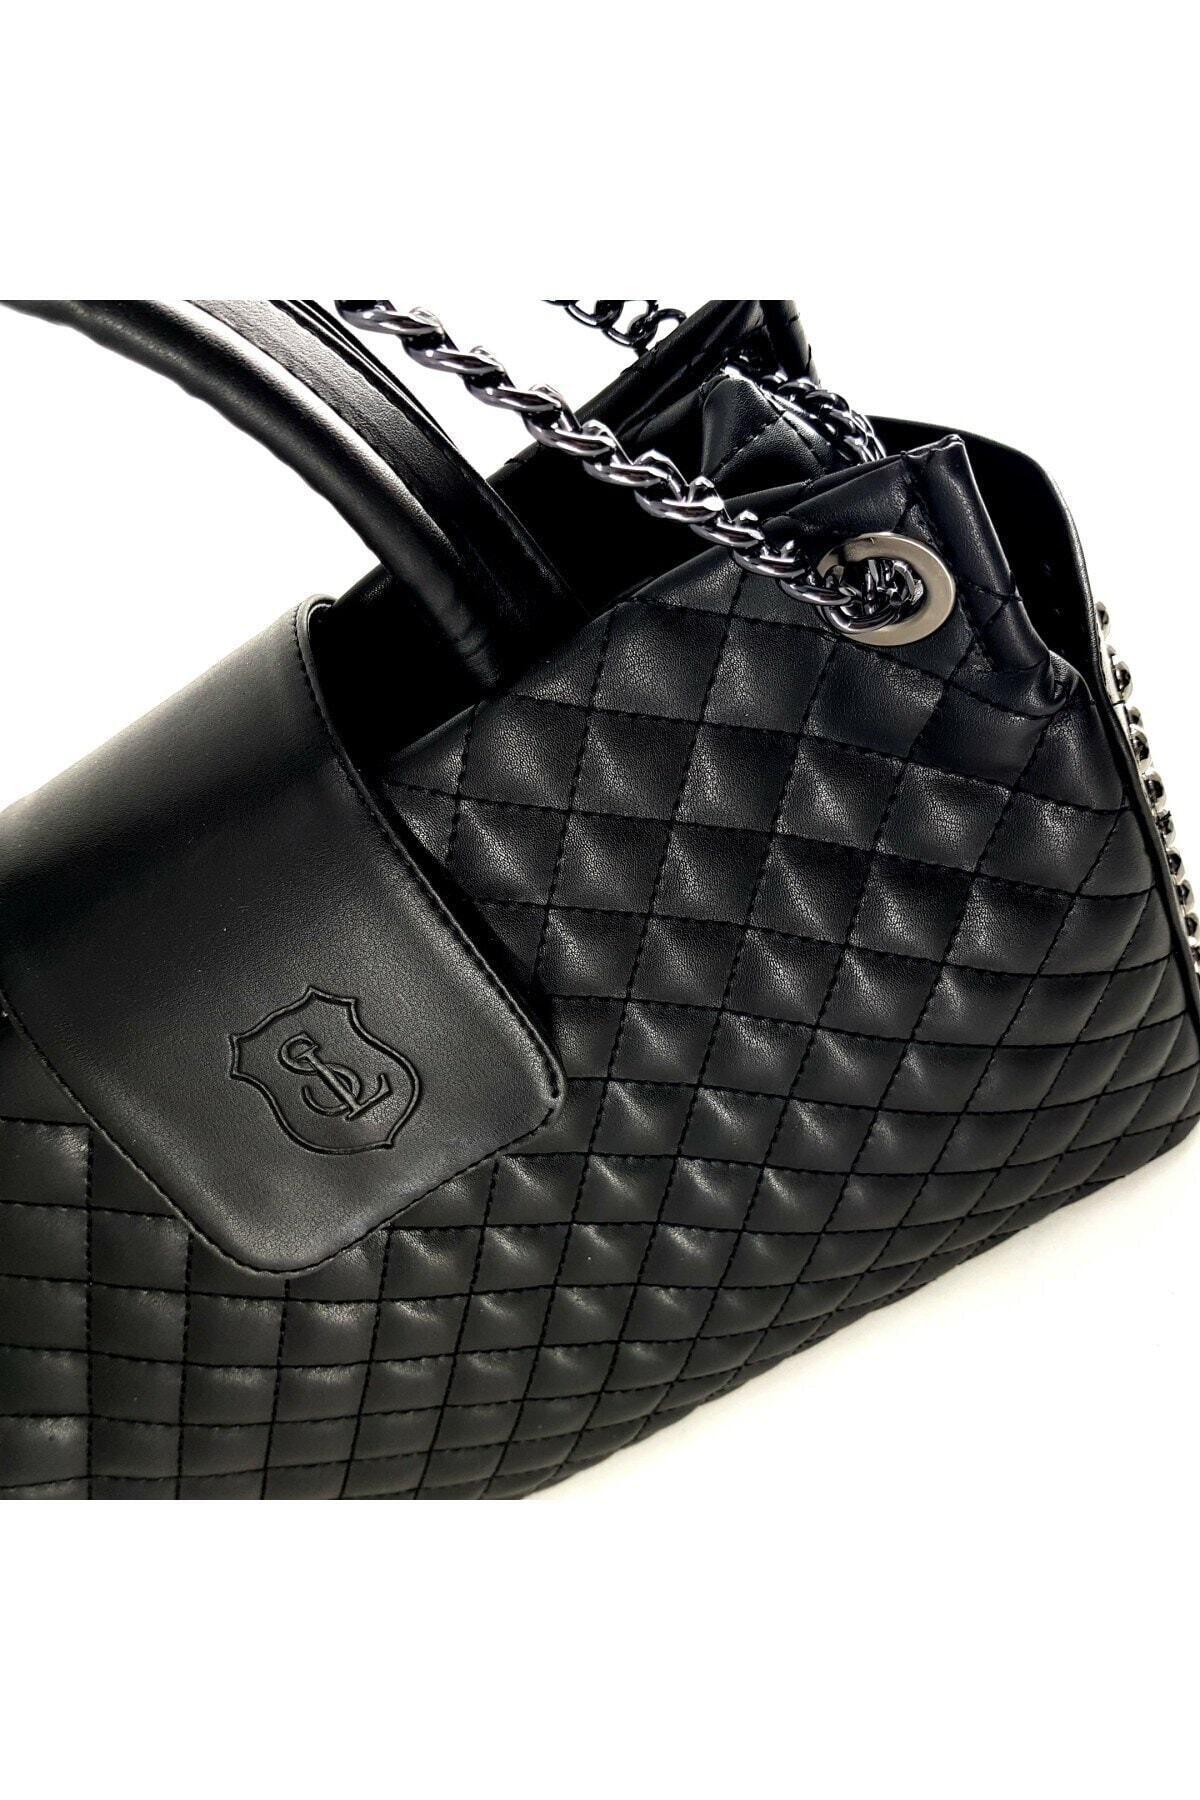 Ladystyle Kadın Siyah Omuz Çanta 2